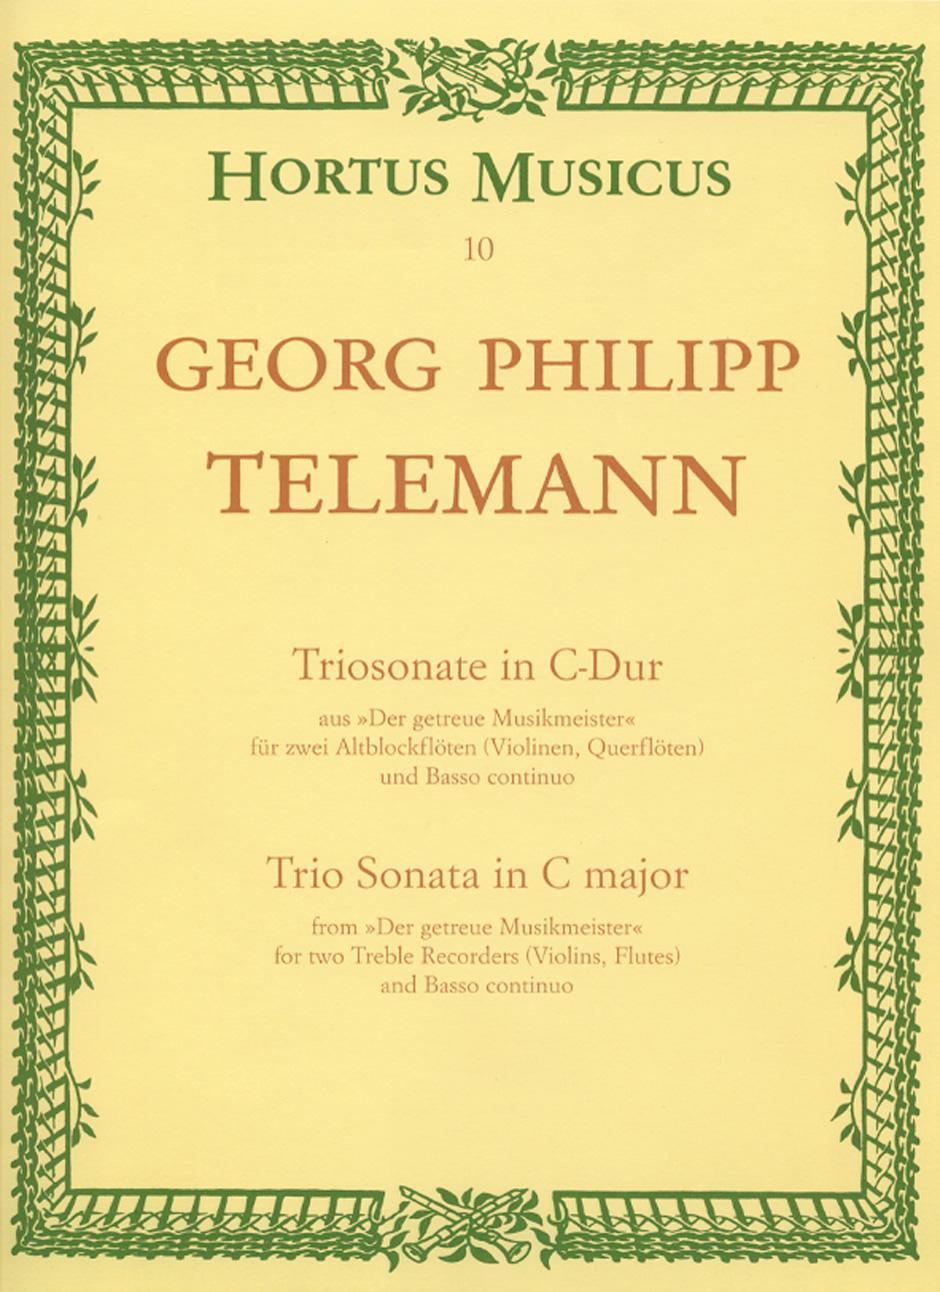 TRIO SONATA in C 'Der getreue Musikmeister'